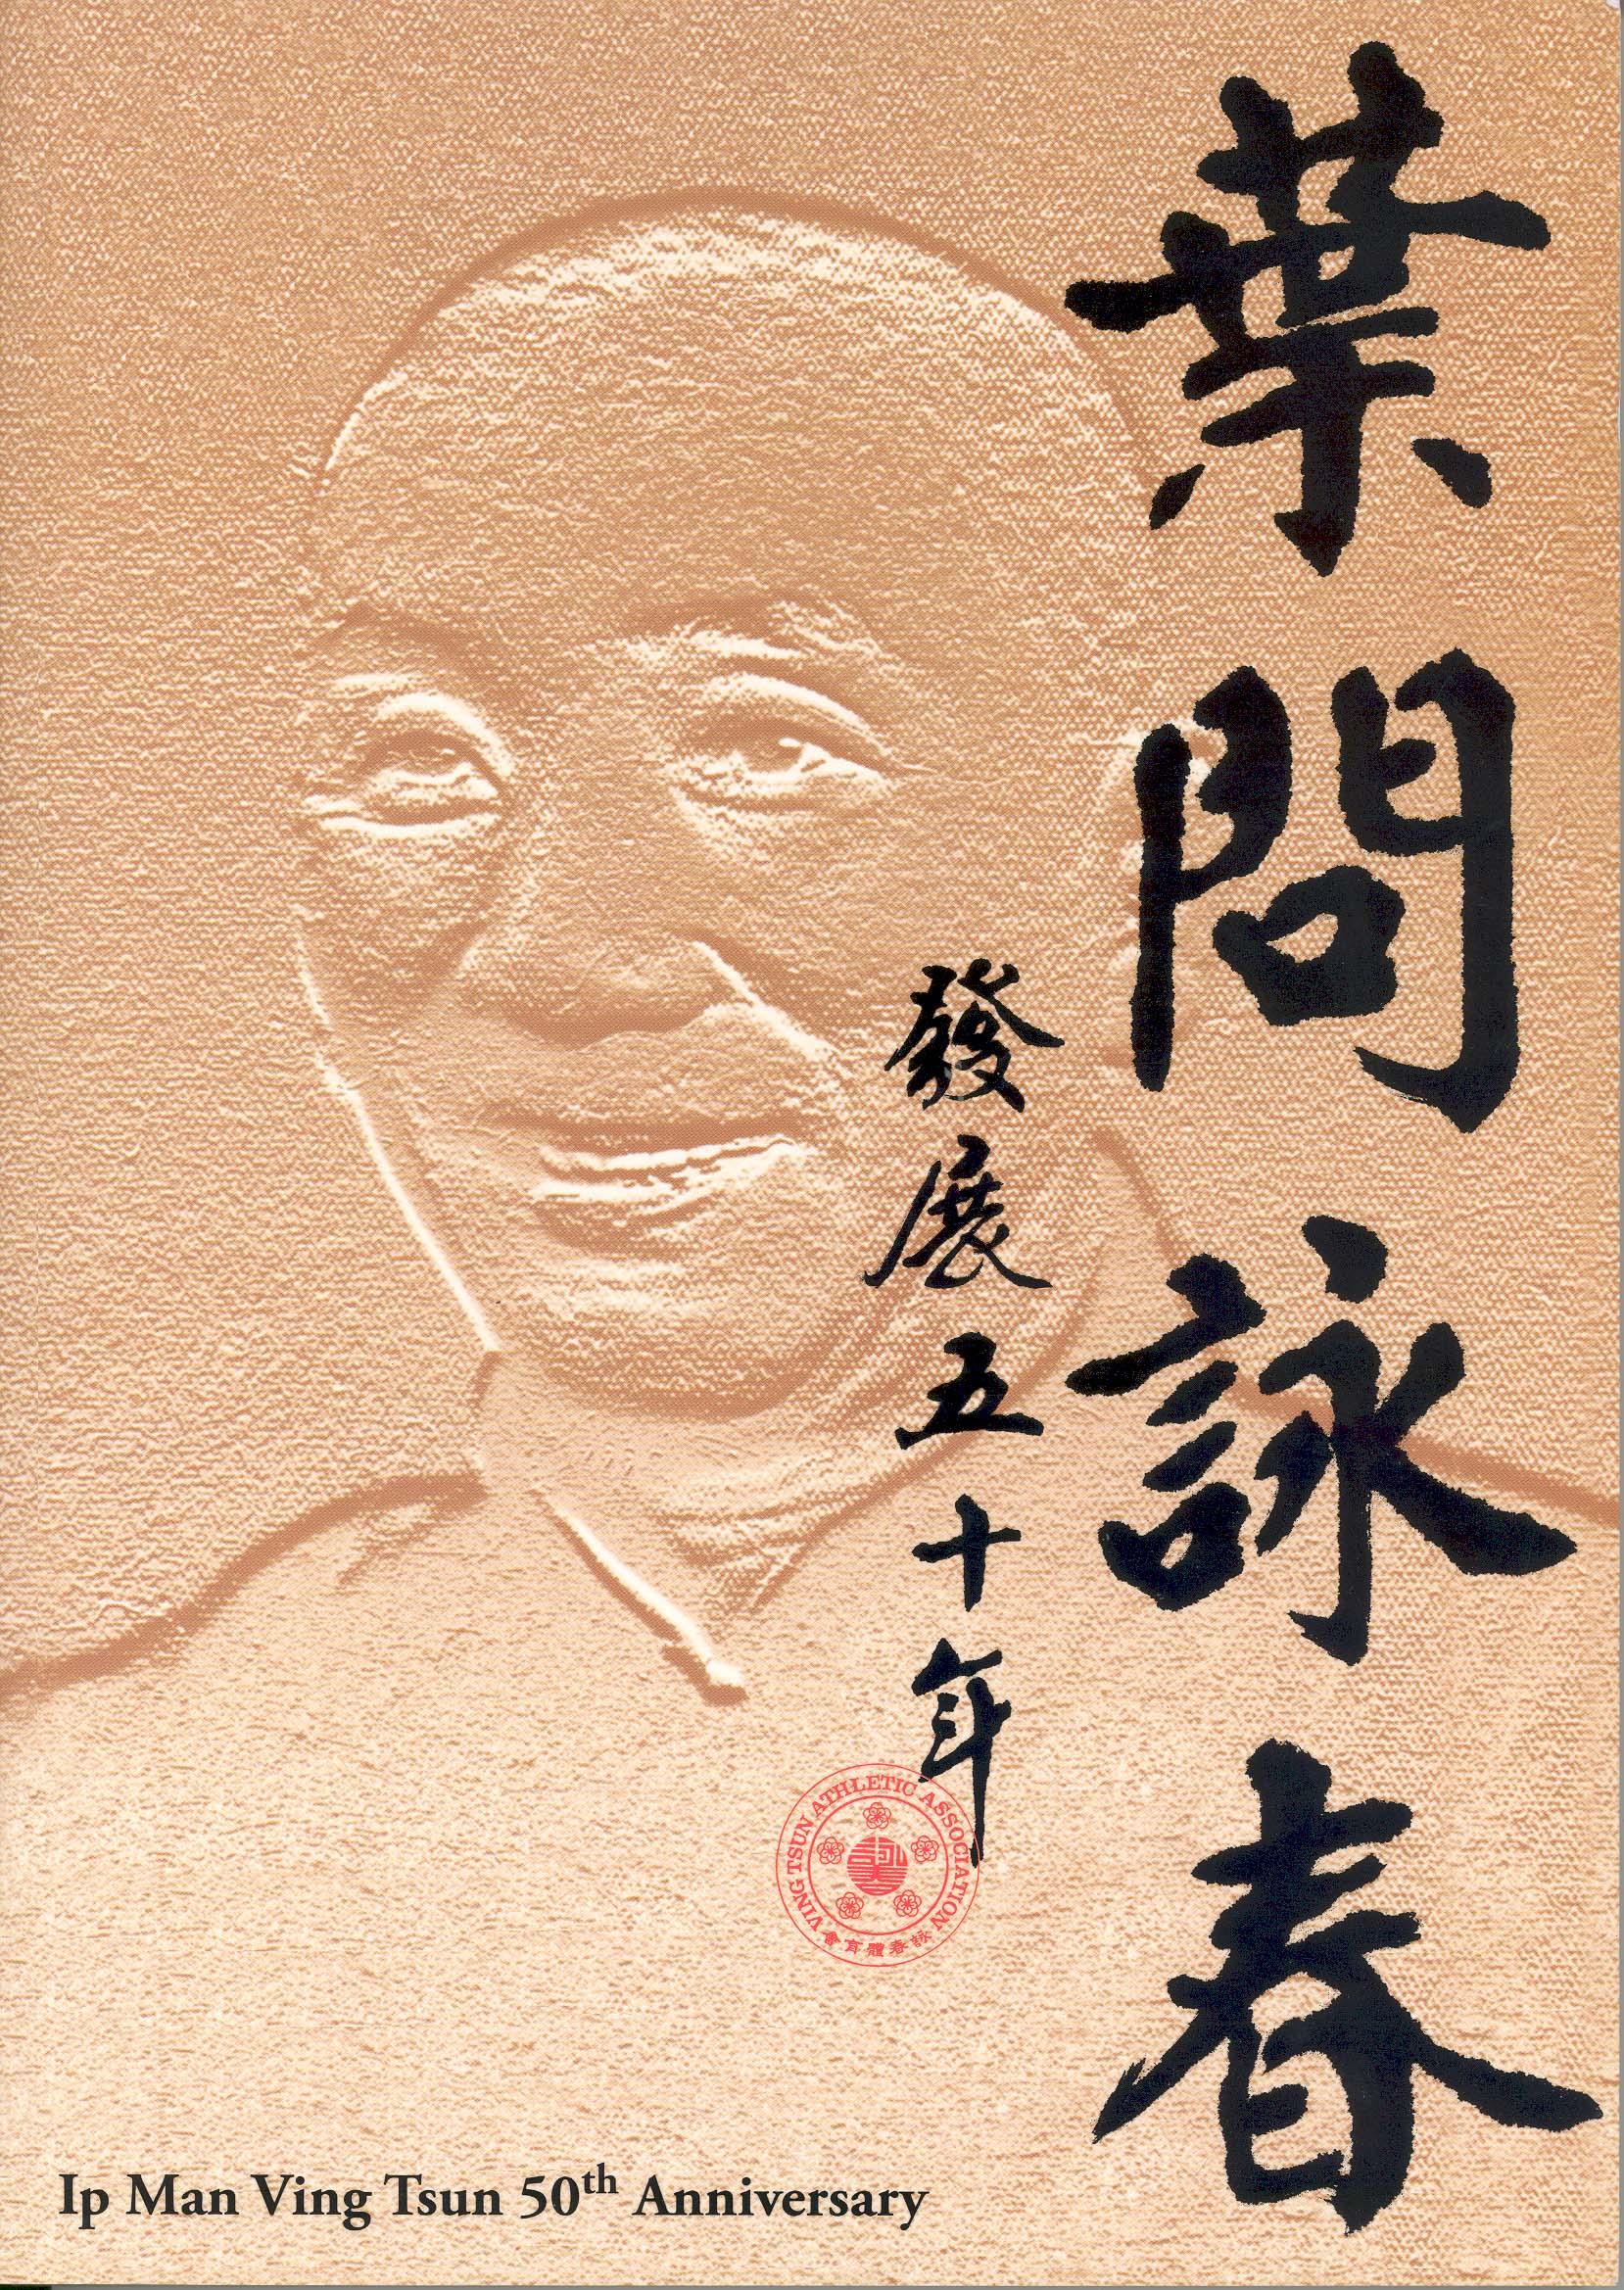 Midlands Wing Chun Kuen Hong Kong Wing Chun In The Uk